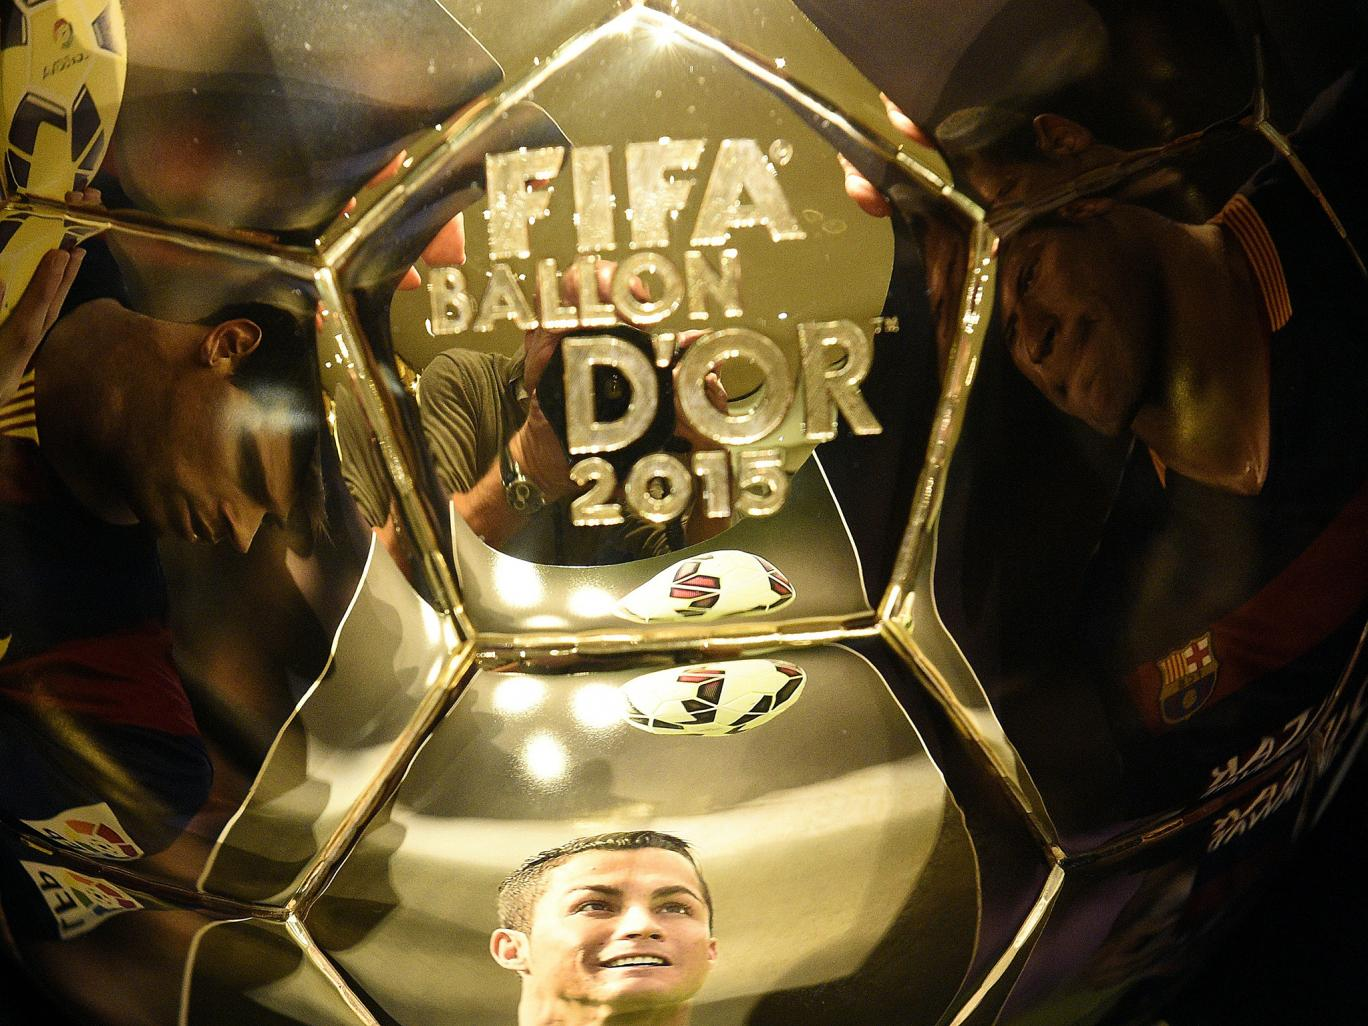 دانلود مراسم توپ طلا ۲۰۱۵ – FIFA Ballon d'Or 2015 Award